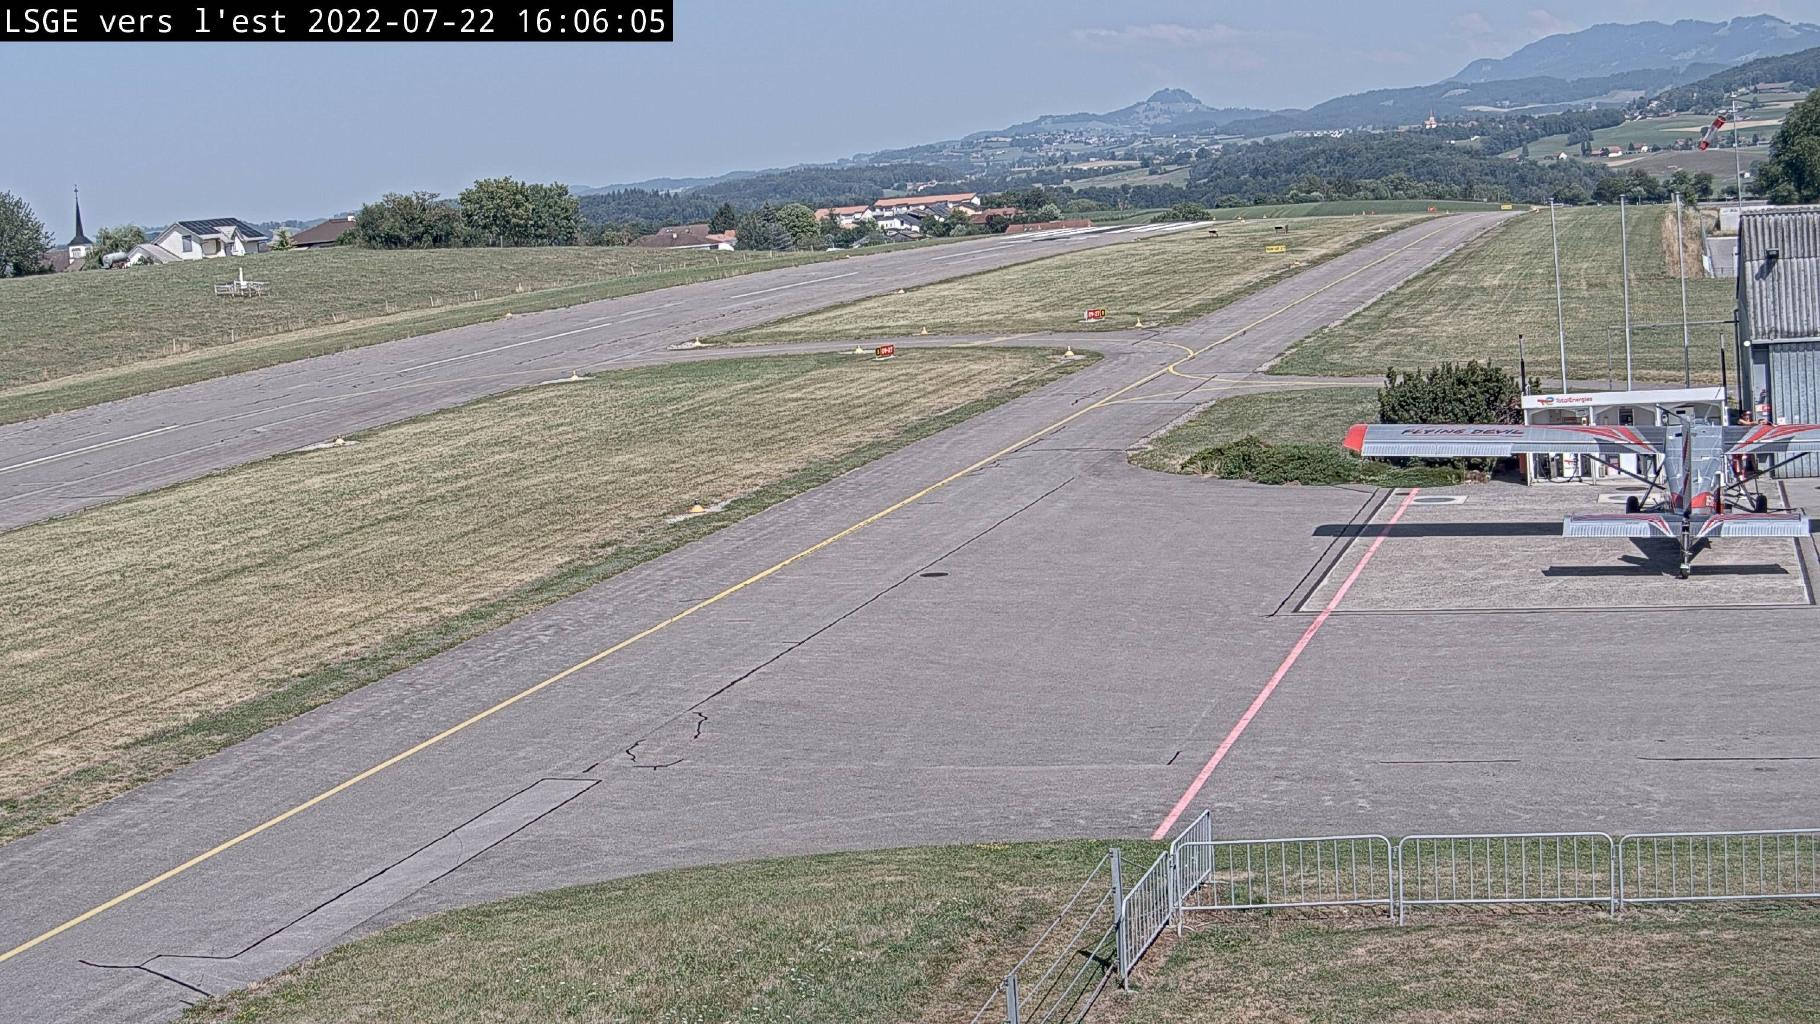 Ecuvillens: Aérodrome Régional - Est - Ost